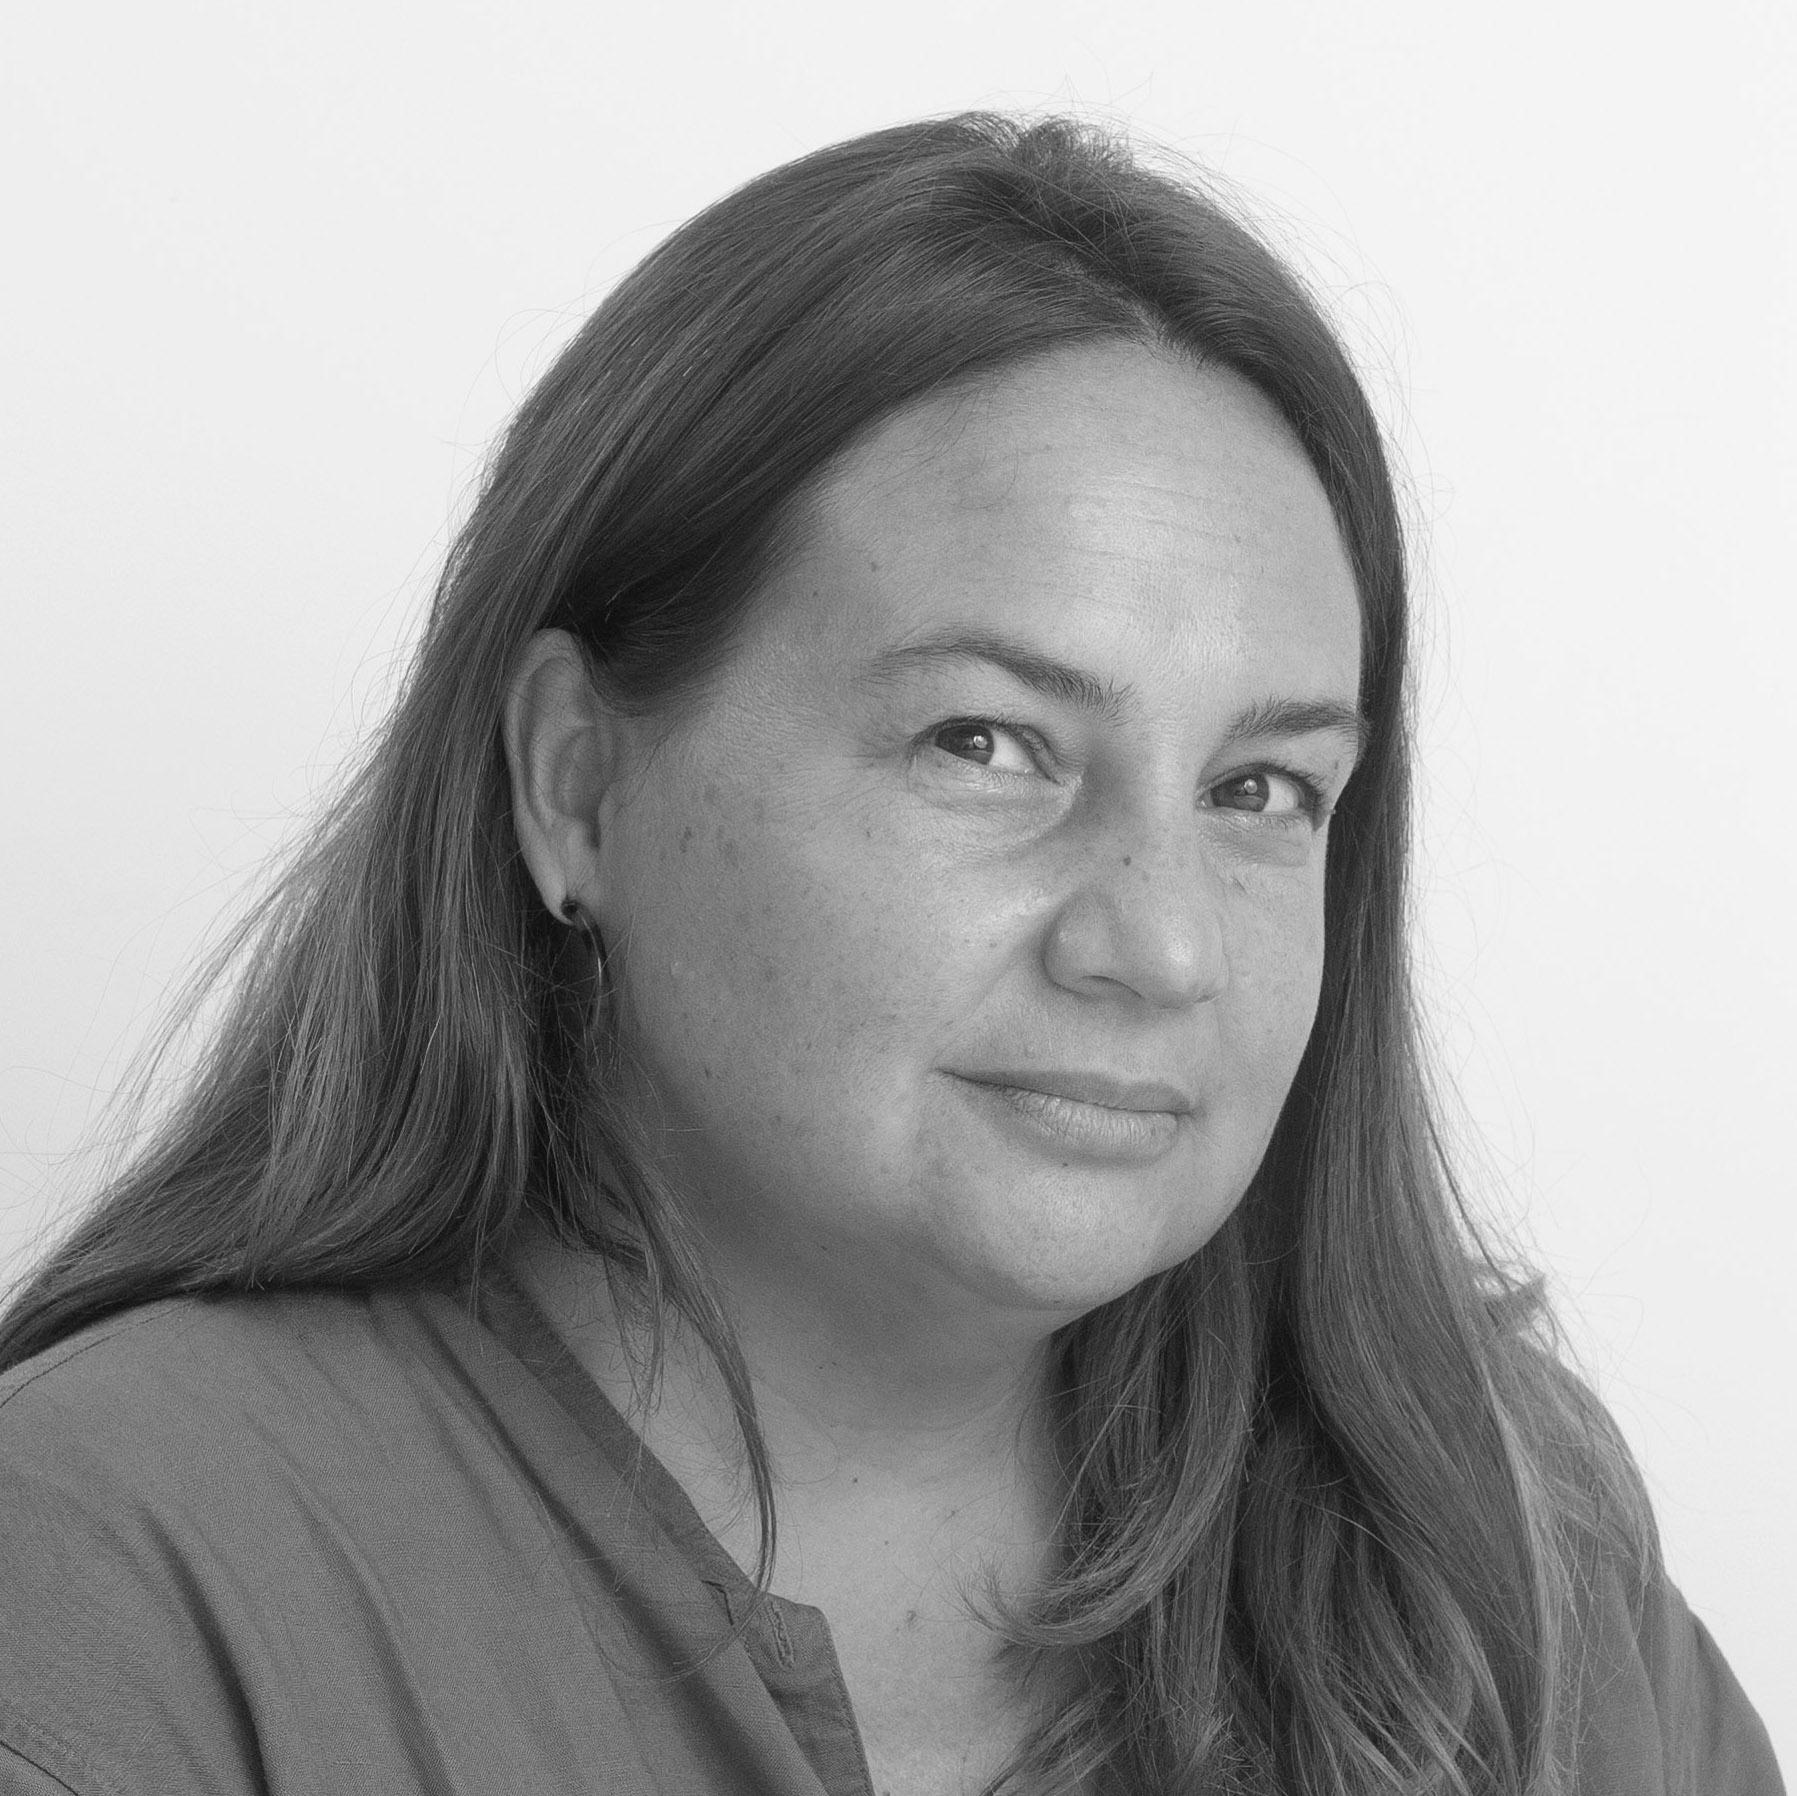 Ana Pantaleoni